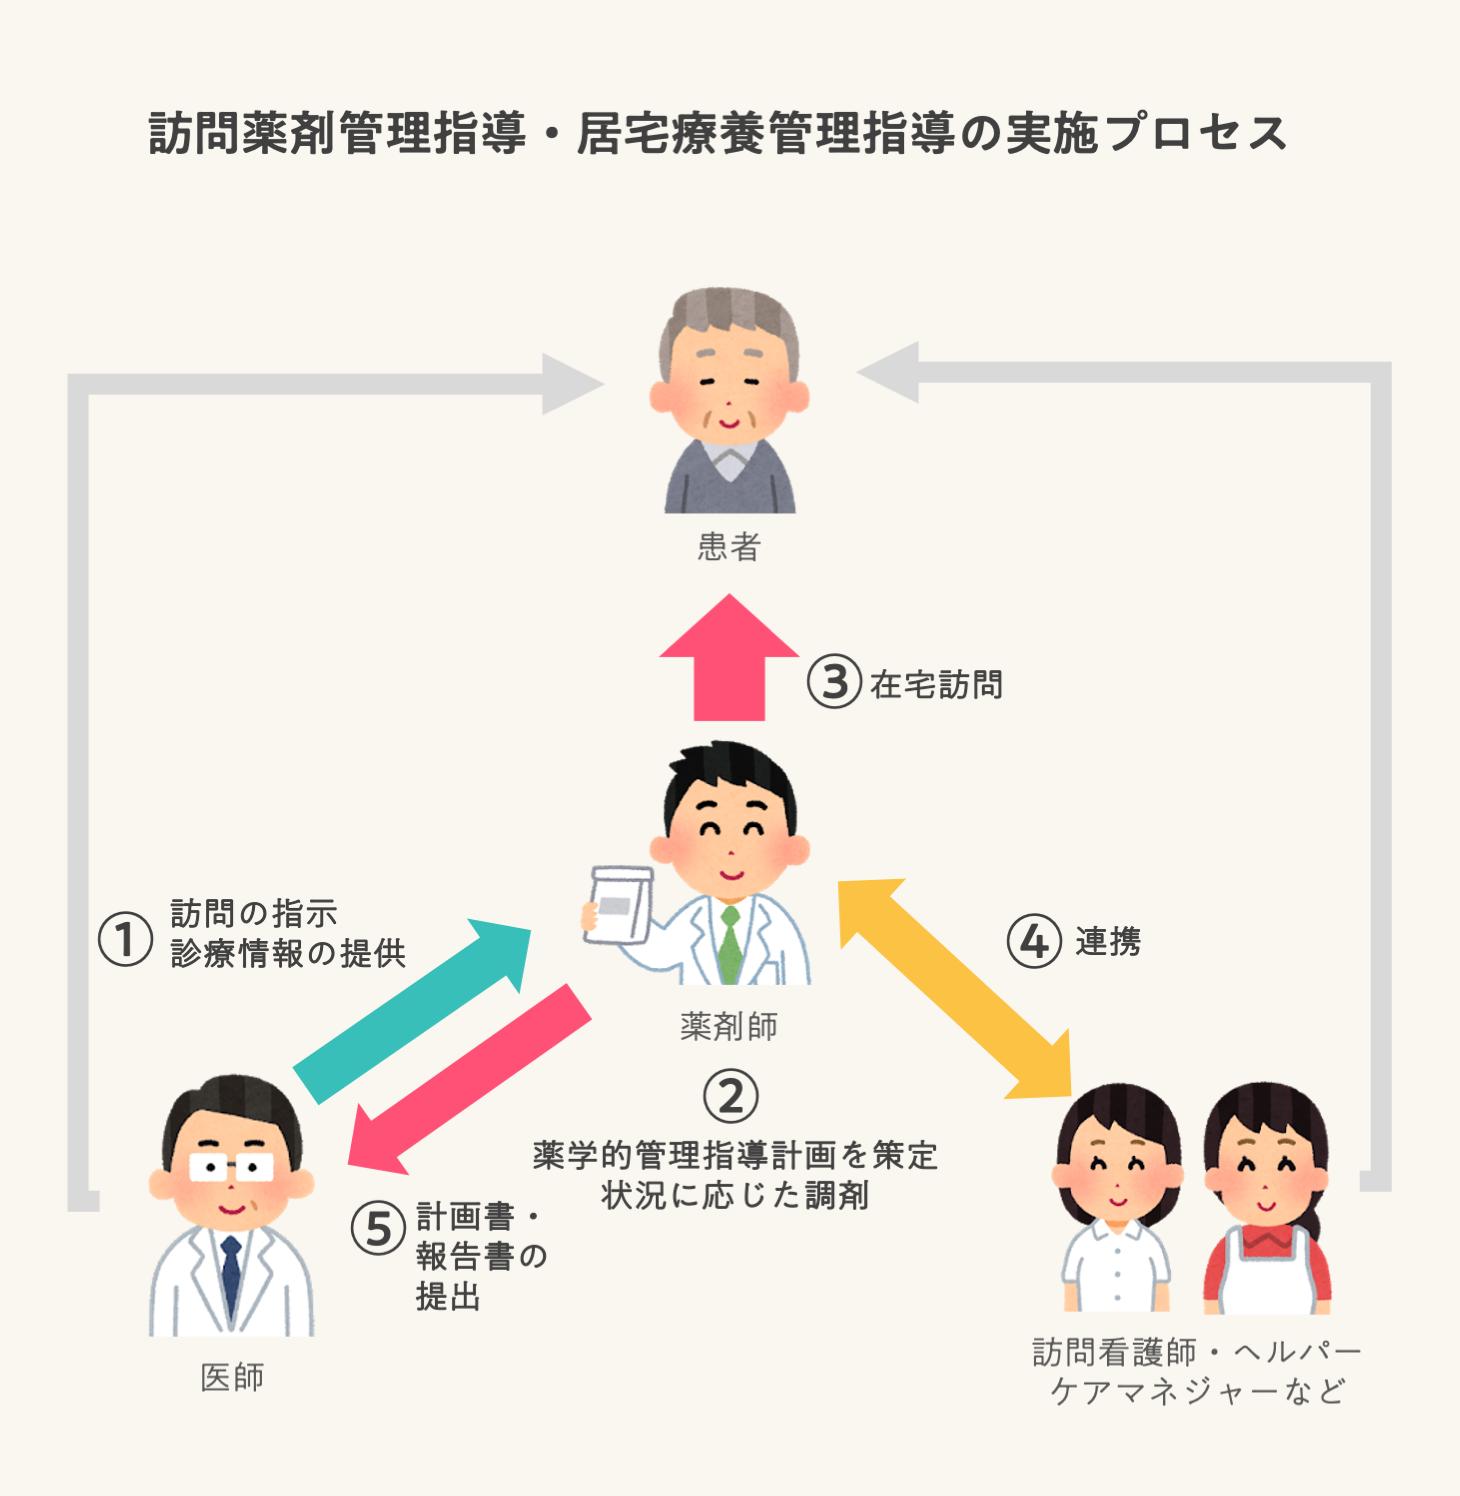 訪問薬剤管理指導・居宅療養管理指導の実施プロセス